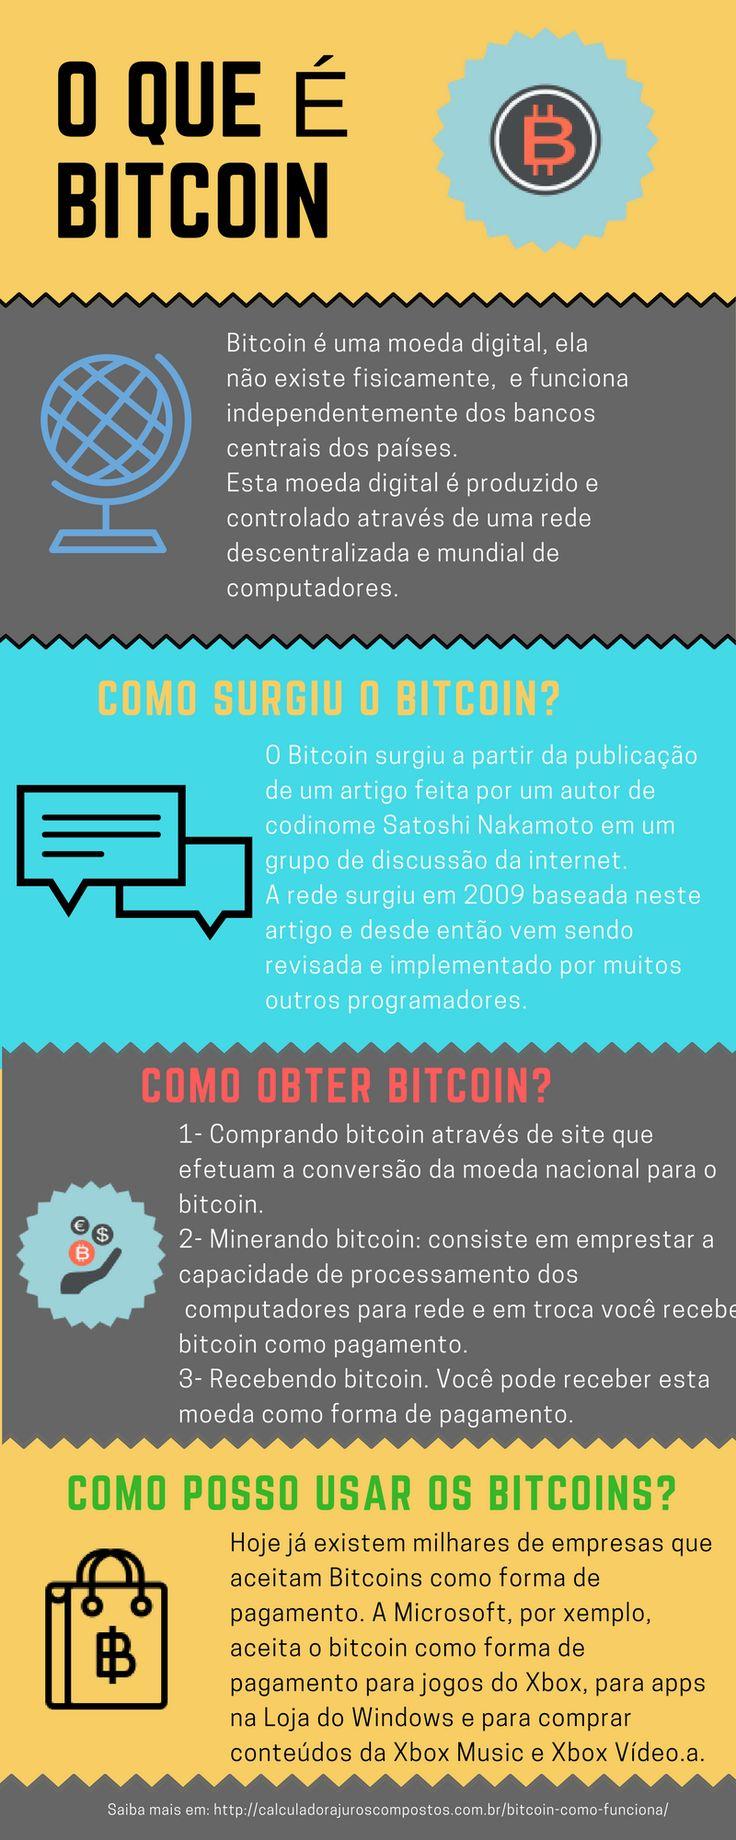 Neste post vamos apresentar o que você deve saber sobre Bitcoin! Você vai entender o que é bitcoin, como ele funciona e como aprender a usar, gerar, comprar, vender e ganhar dinheiro com bitcoin.